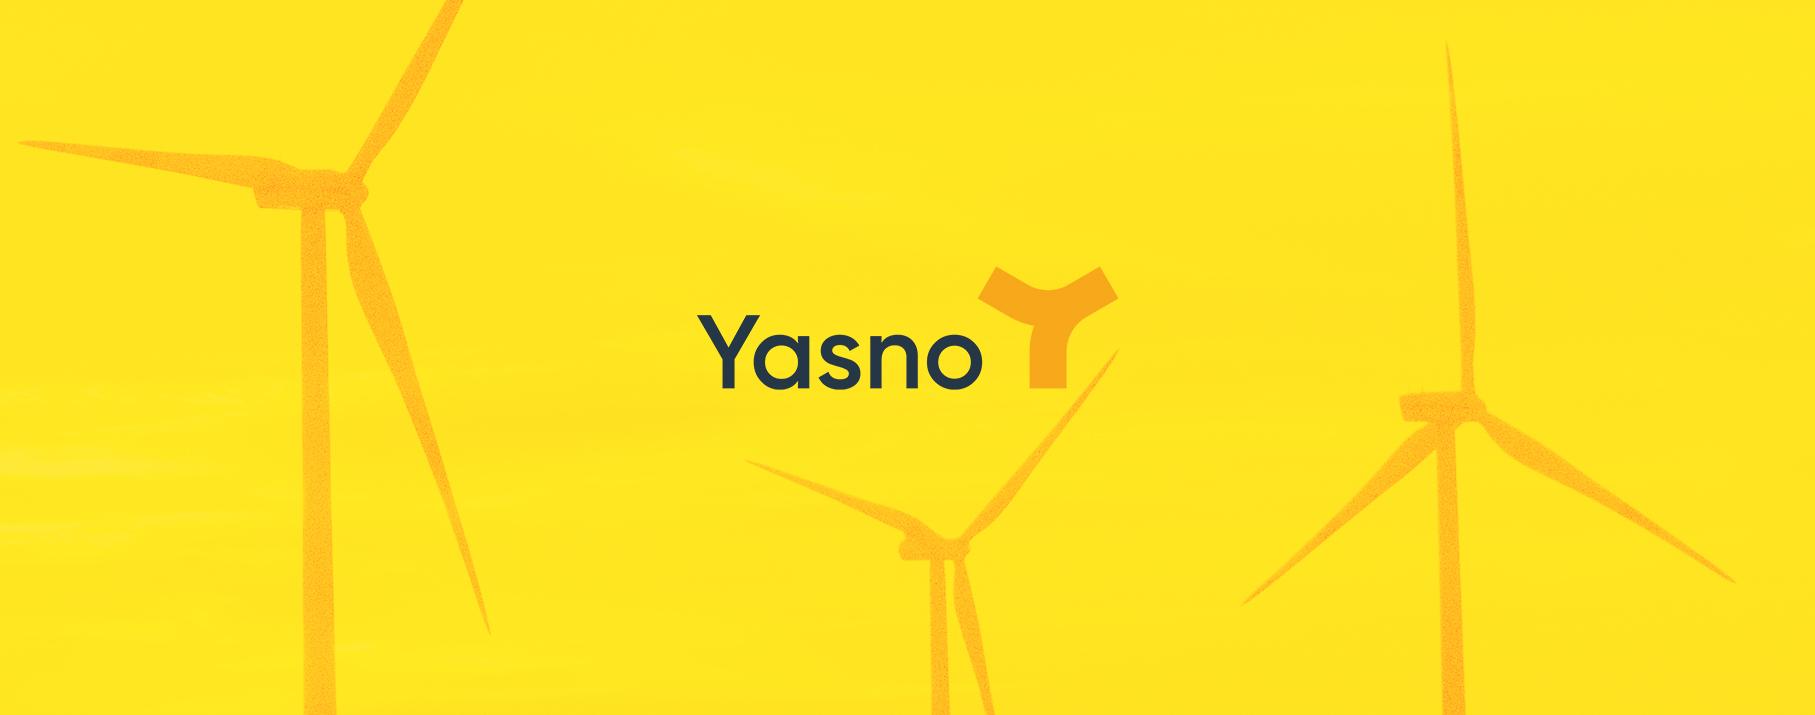 Yasno